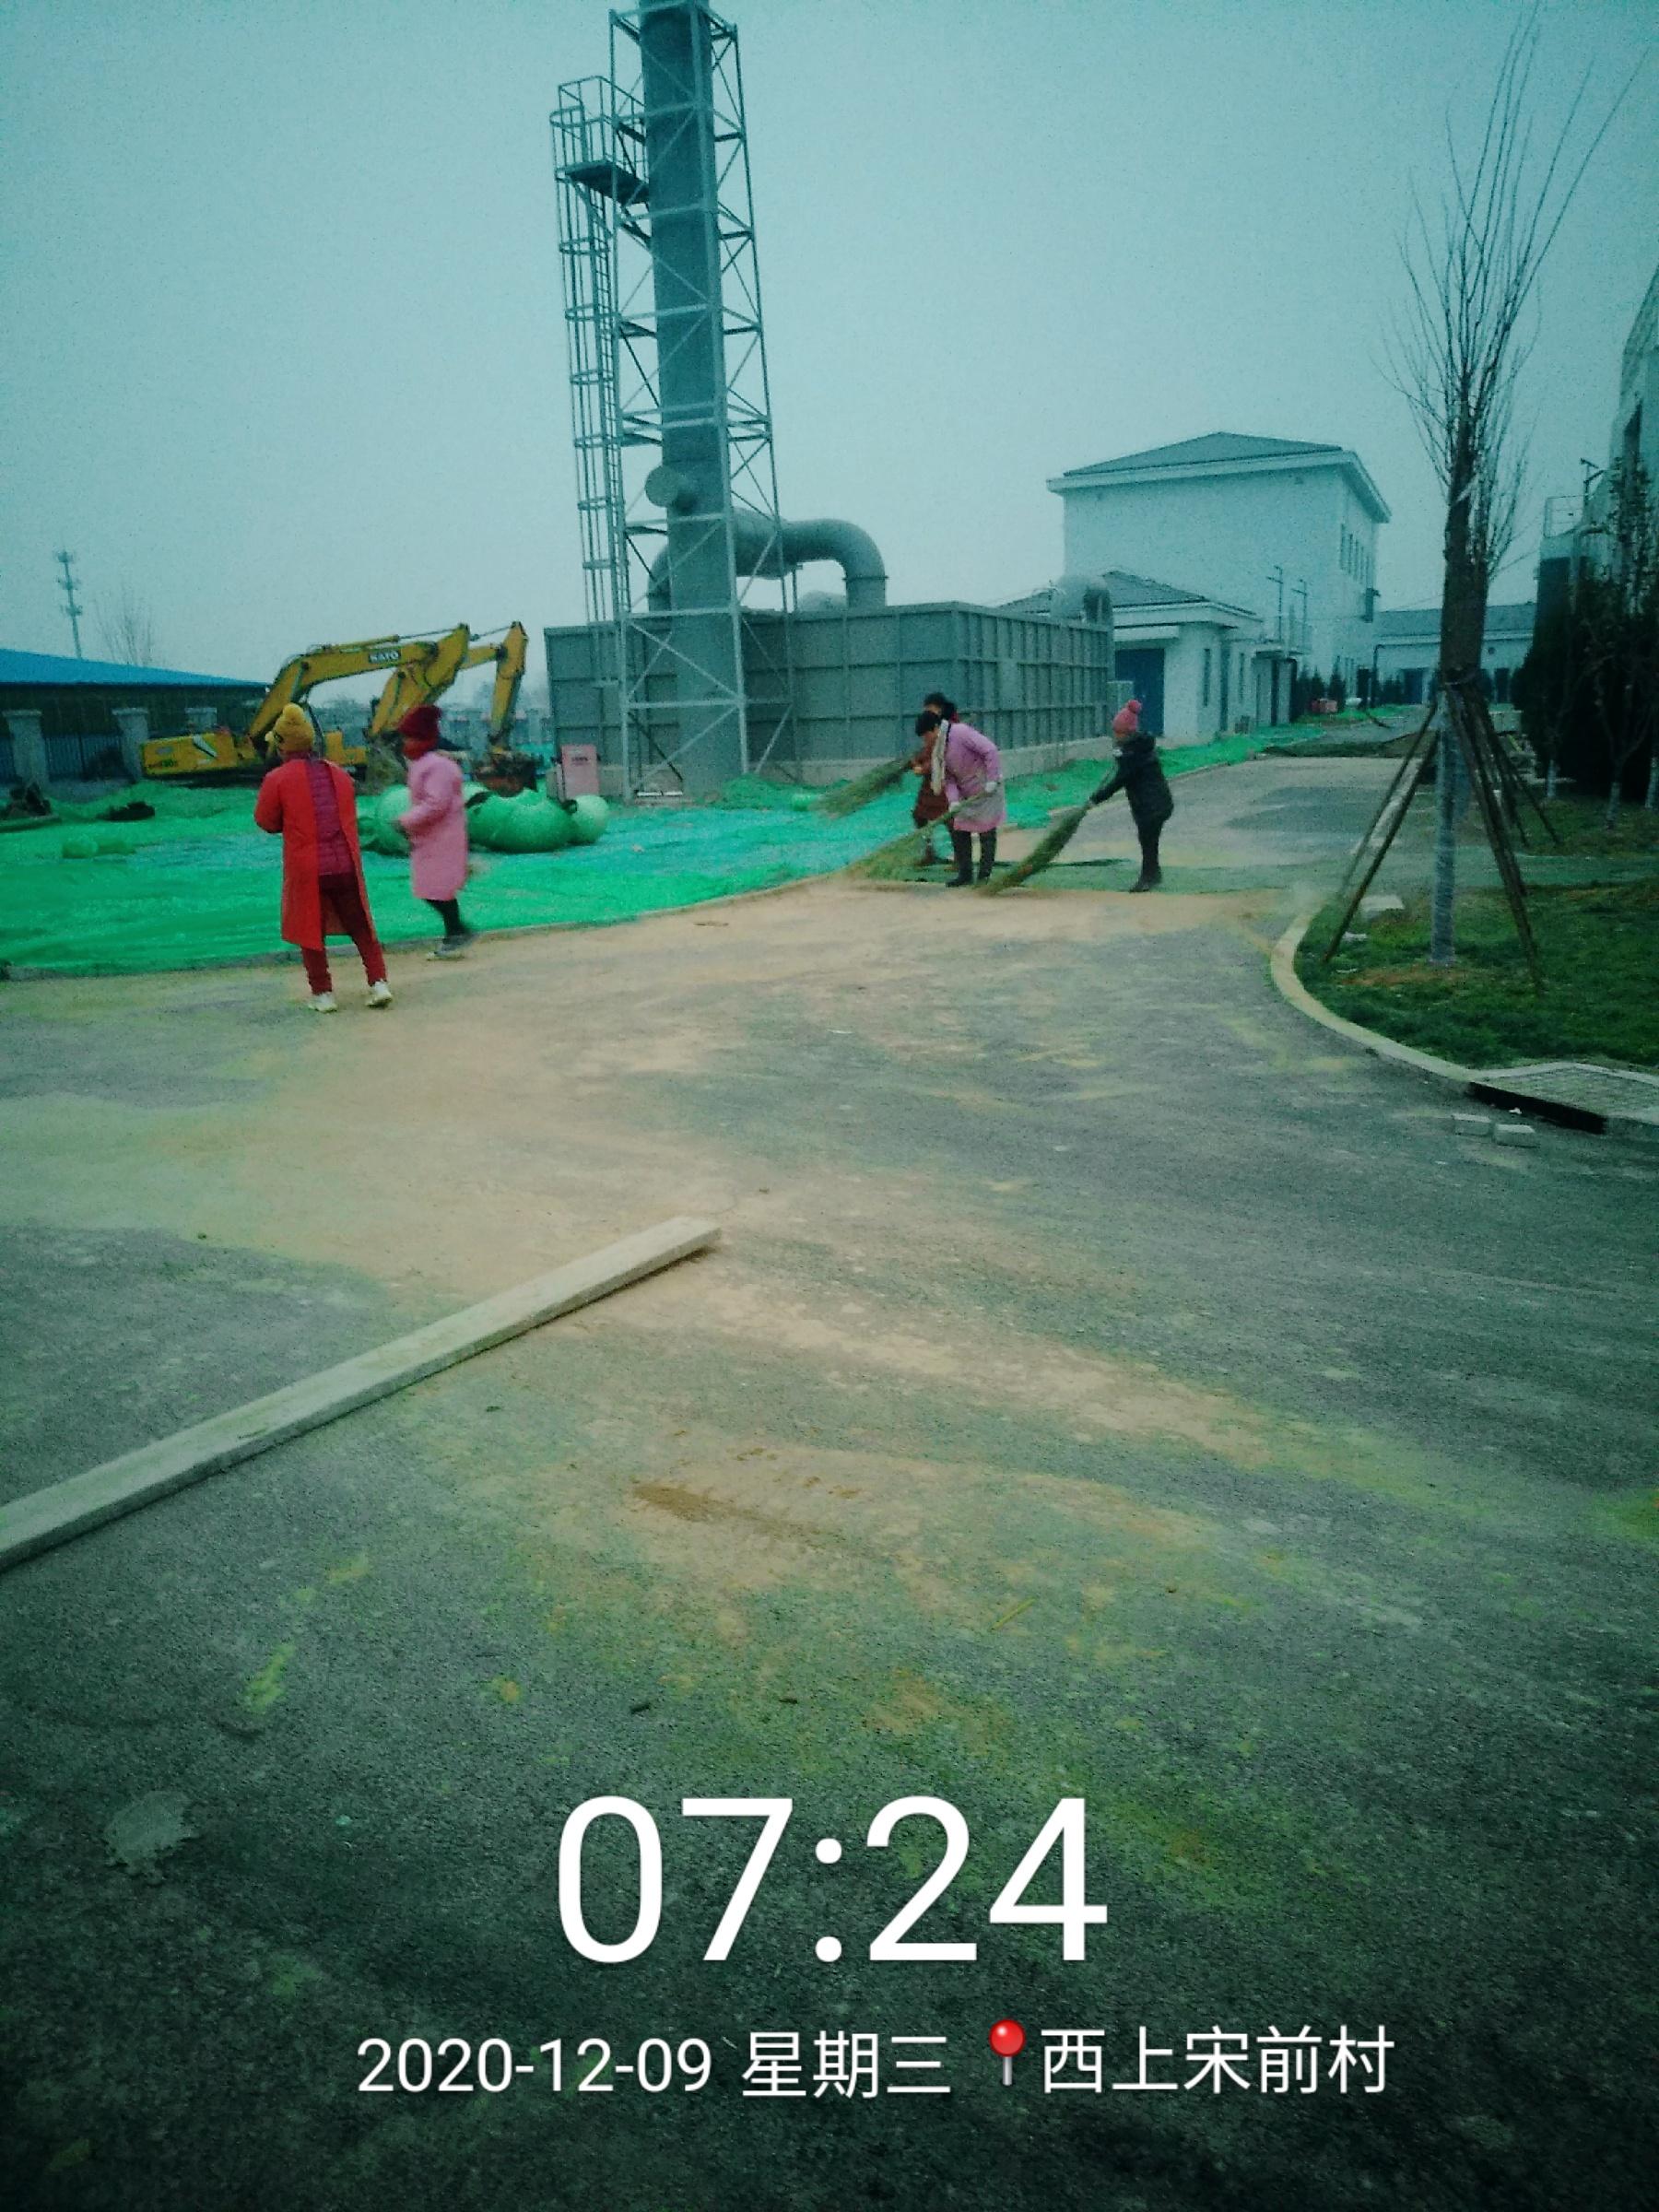 邯郸市生态环境局领导莅临邯郸市南污水处理厂督导检查